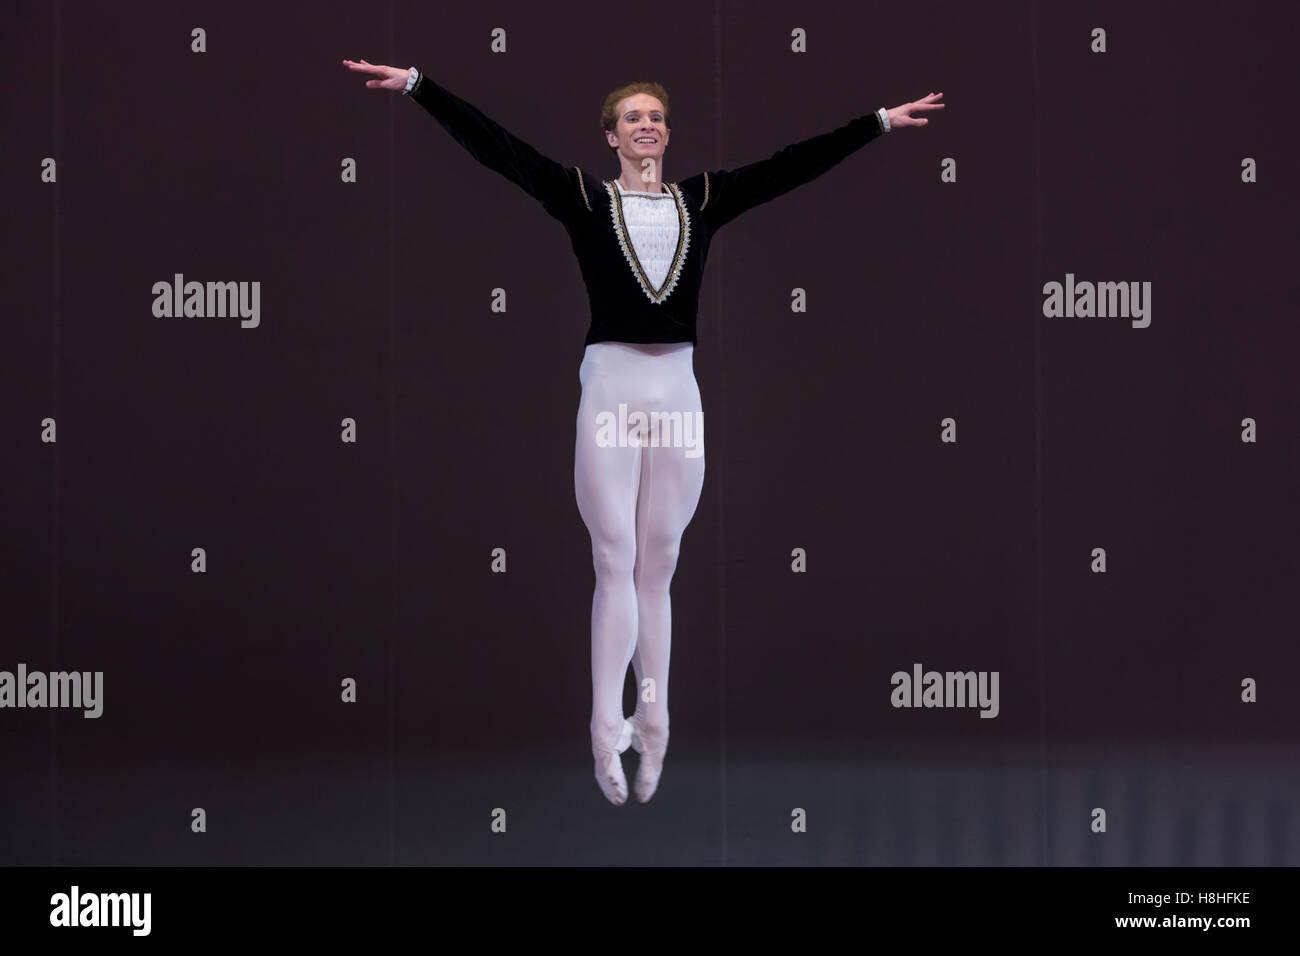 El bailarín Ivan Titov Ballet realiza en el escenario del teatro de Moscú, Rusia Imagen De Stock